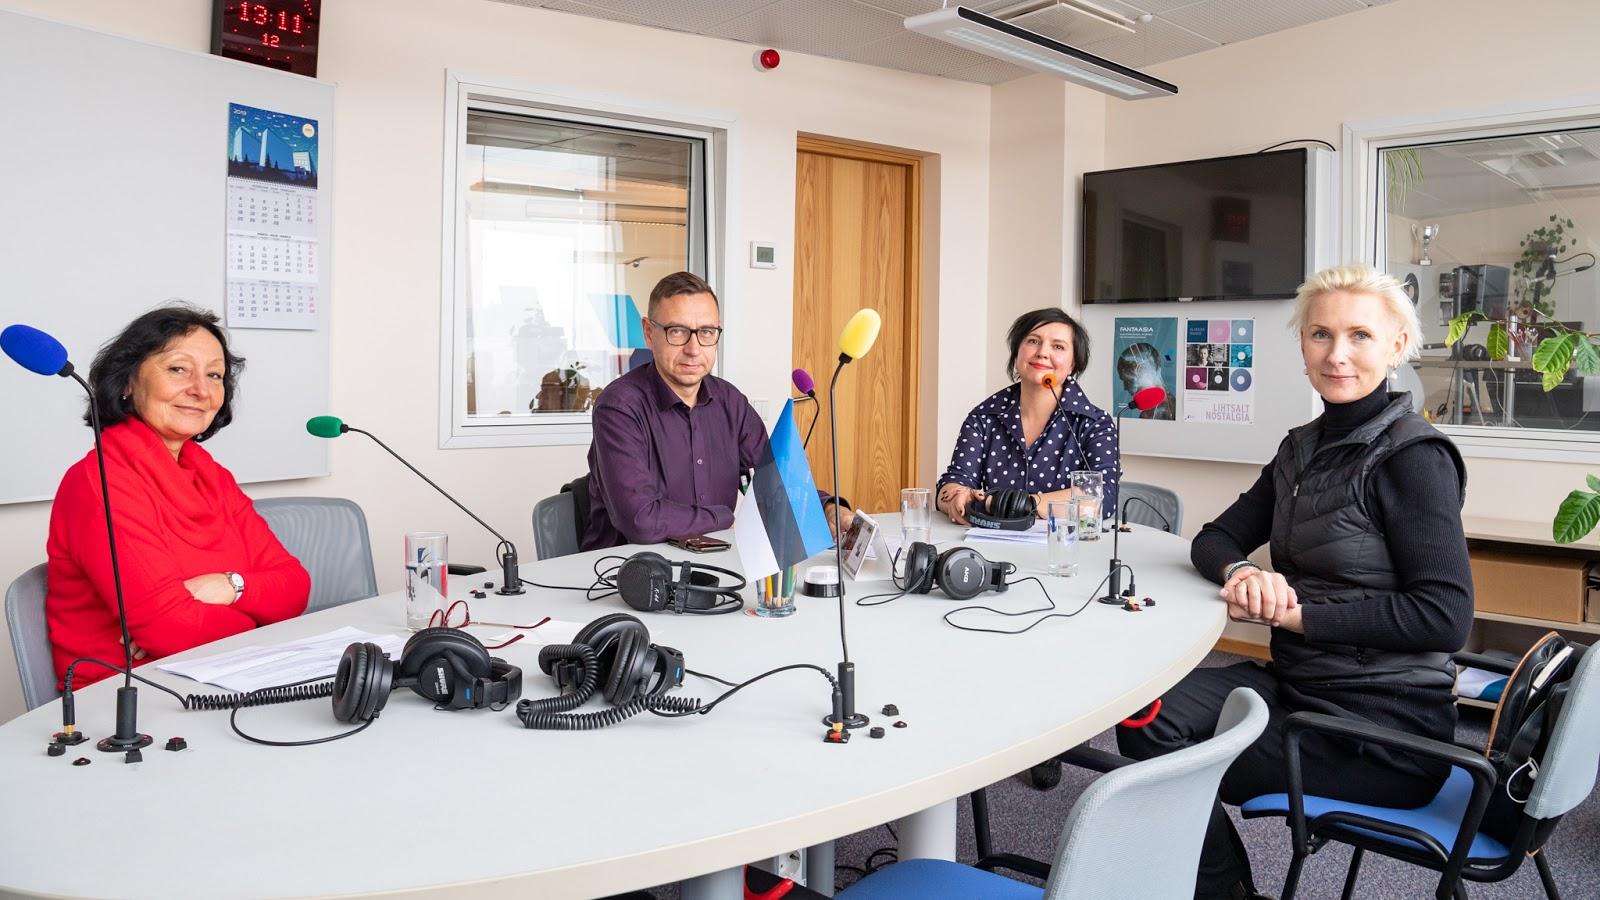 aaa9cd88966 1993ndal aastast toimuva konkursi Tuljak idee autor on koorijuht Valli  Ilvik, kelle dirigeerimisel laulis Tartu Üliõpilassegakoor end esimeseks ka  päris ...